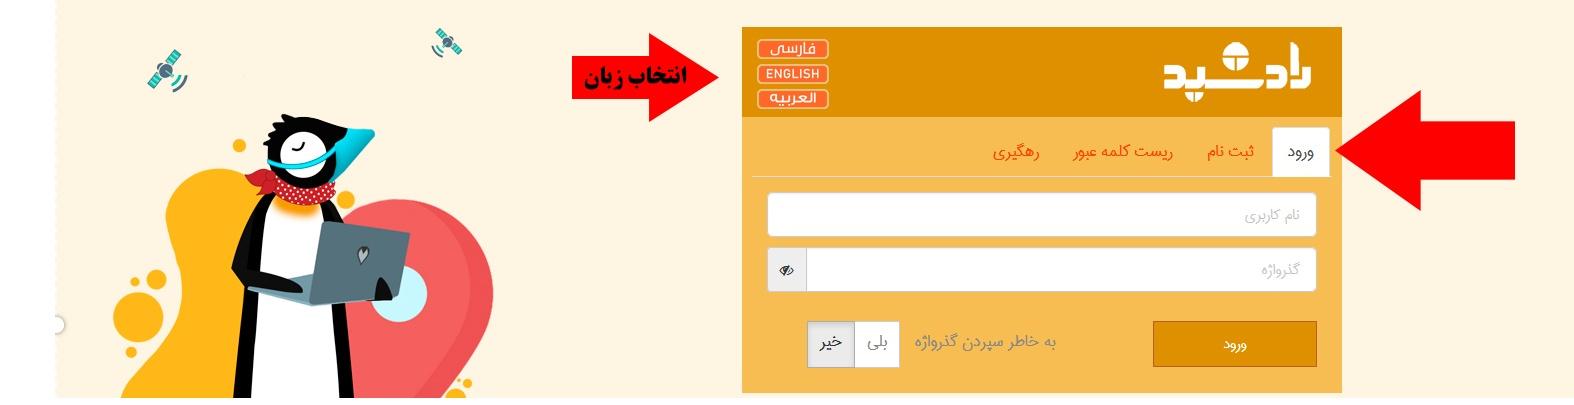 صفحه ورود و انتخاب زبان سامانه